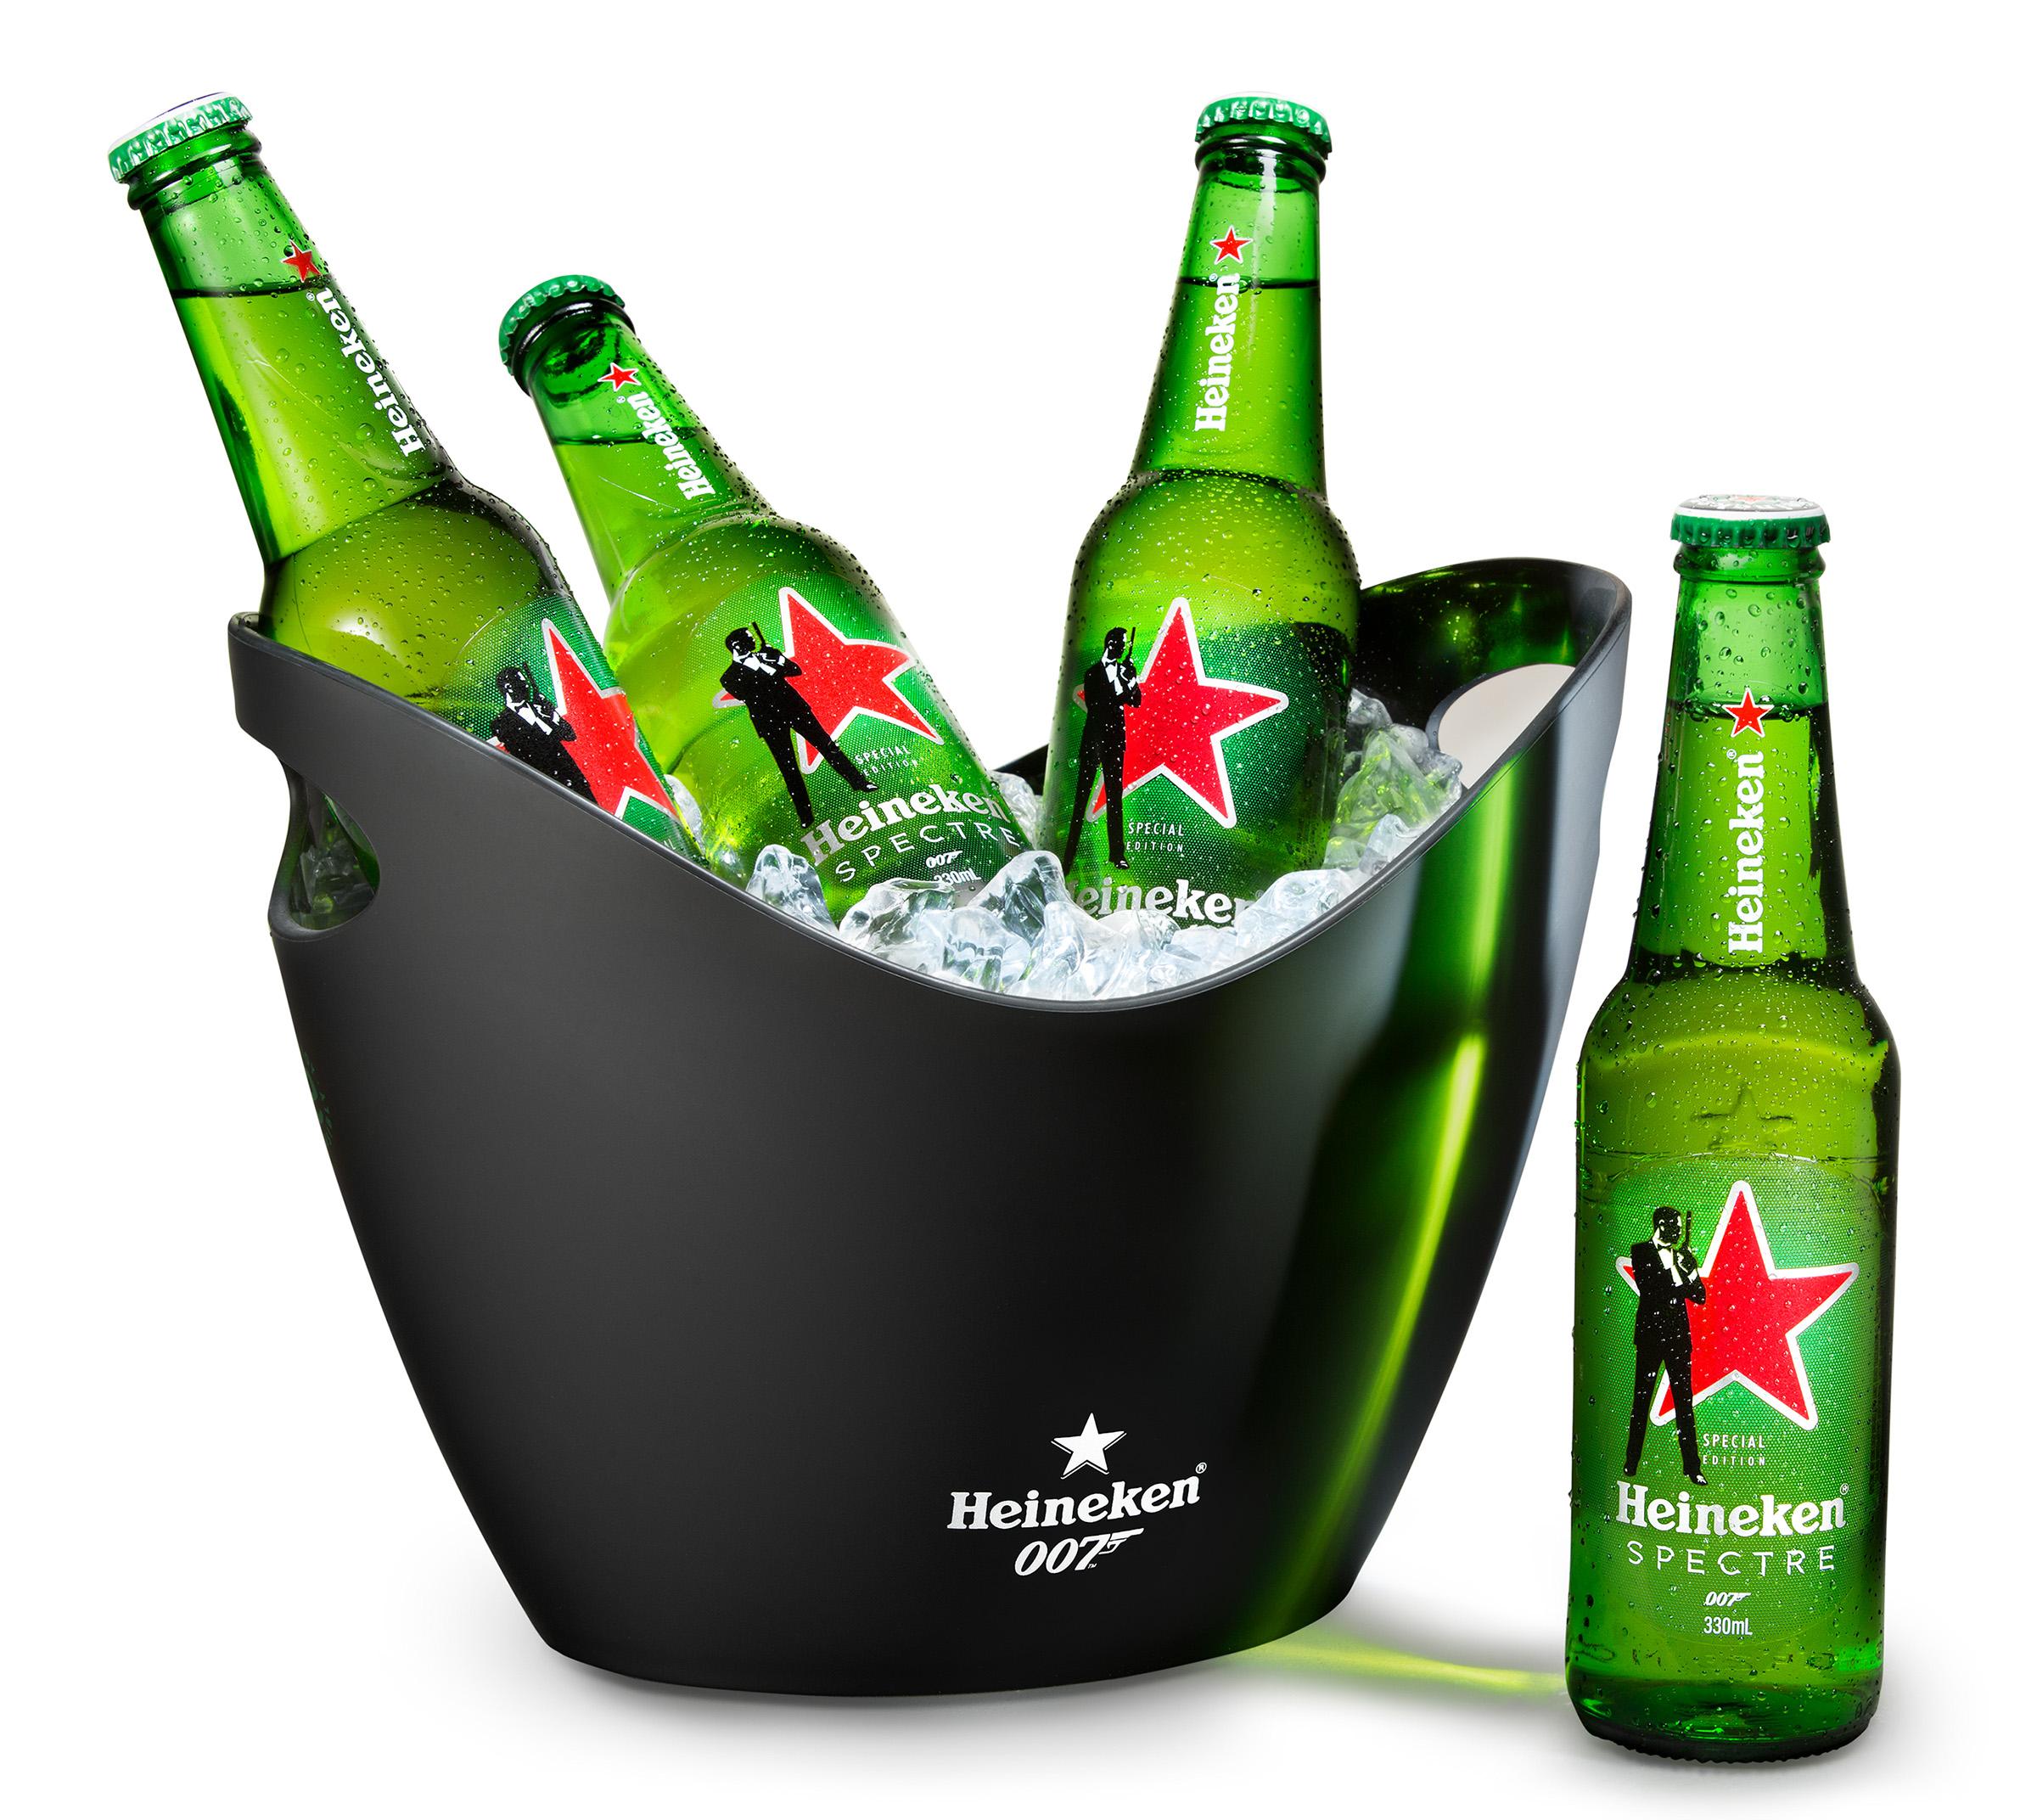 Advertising studio alcohol beer photography of Heineken bottles in ice bucket 007